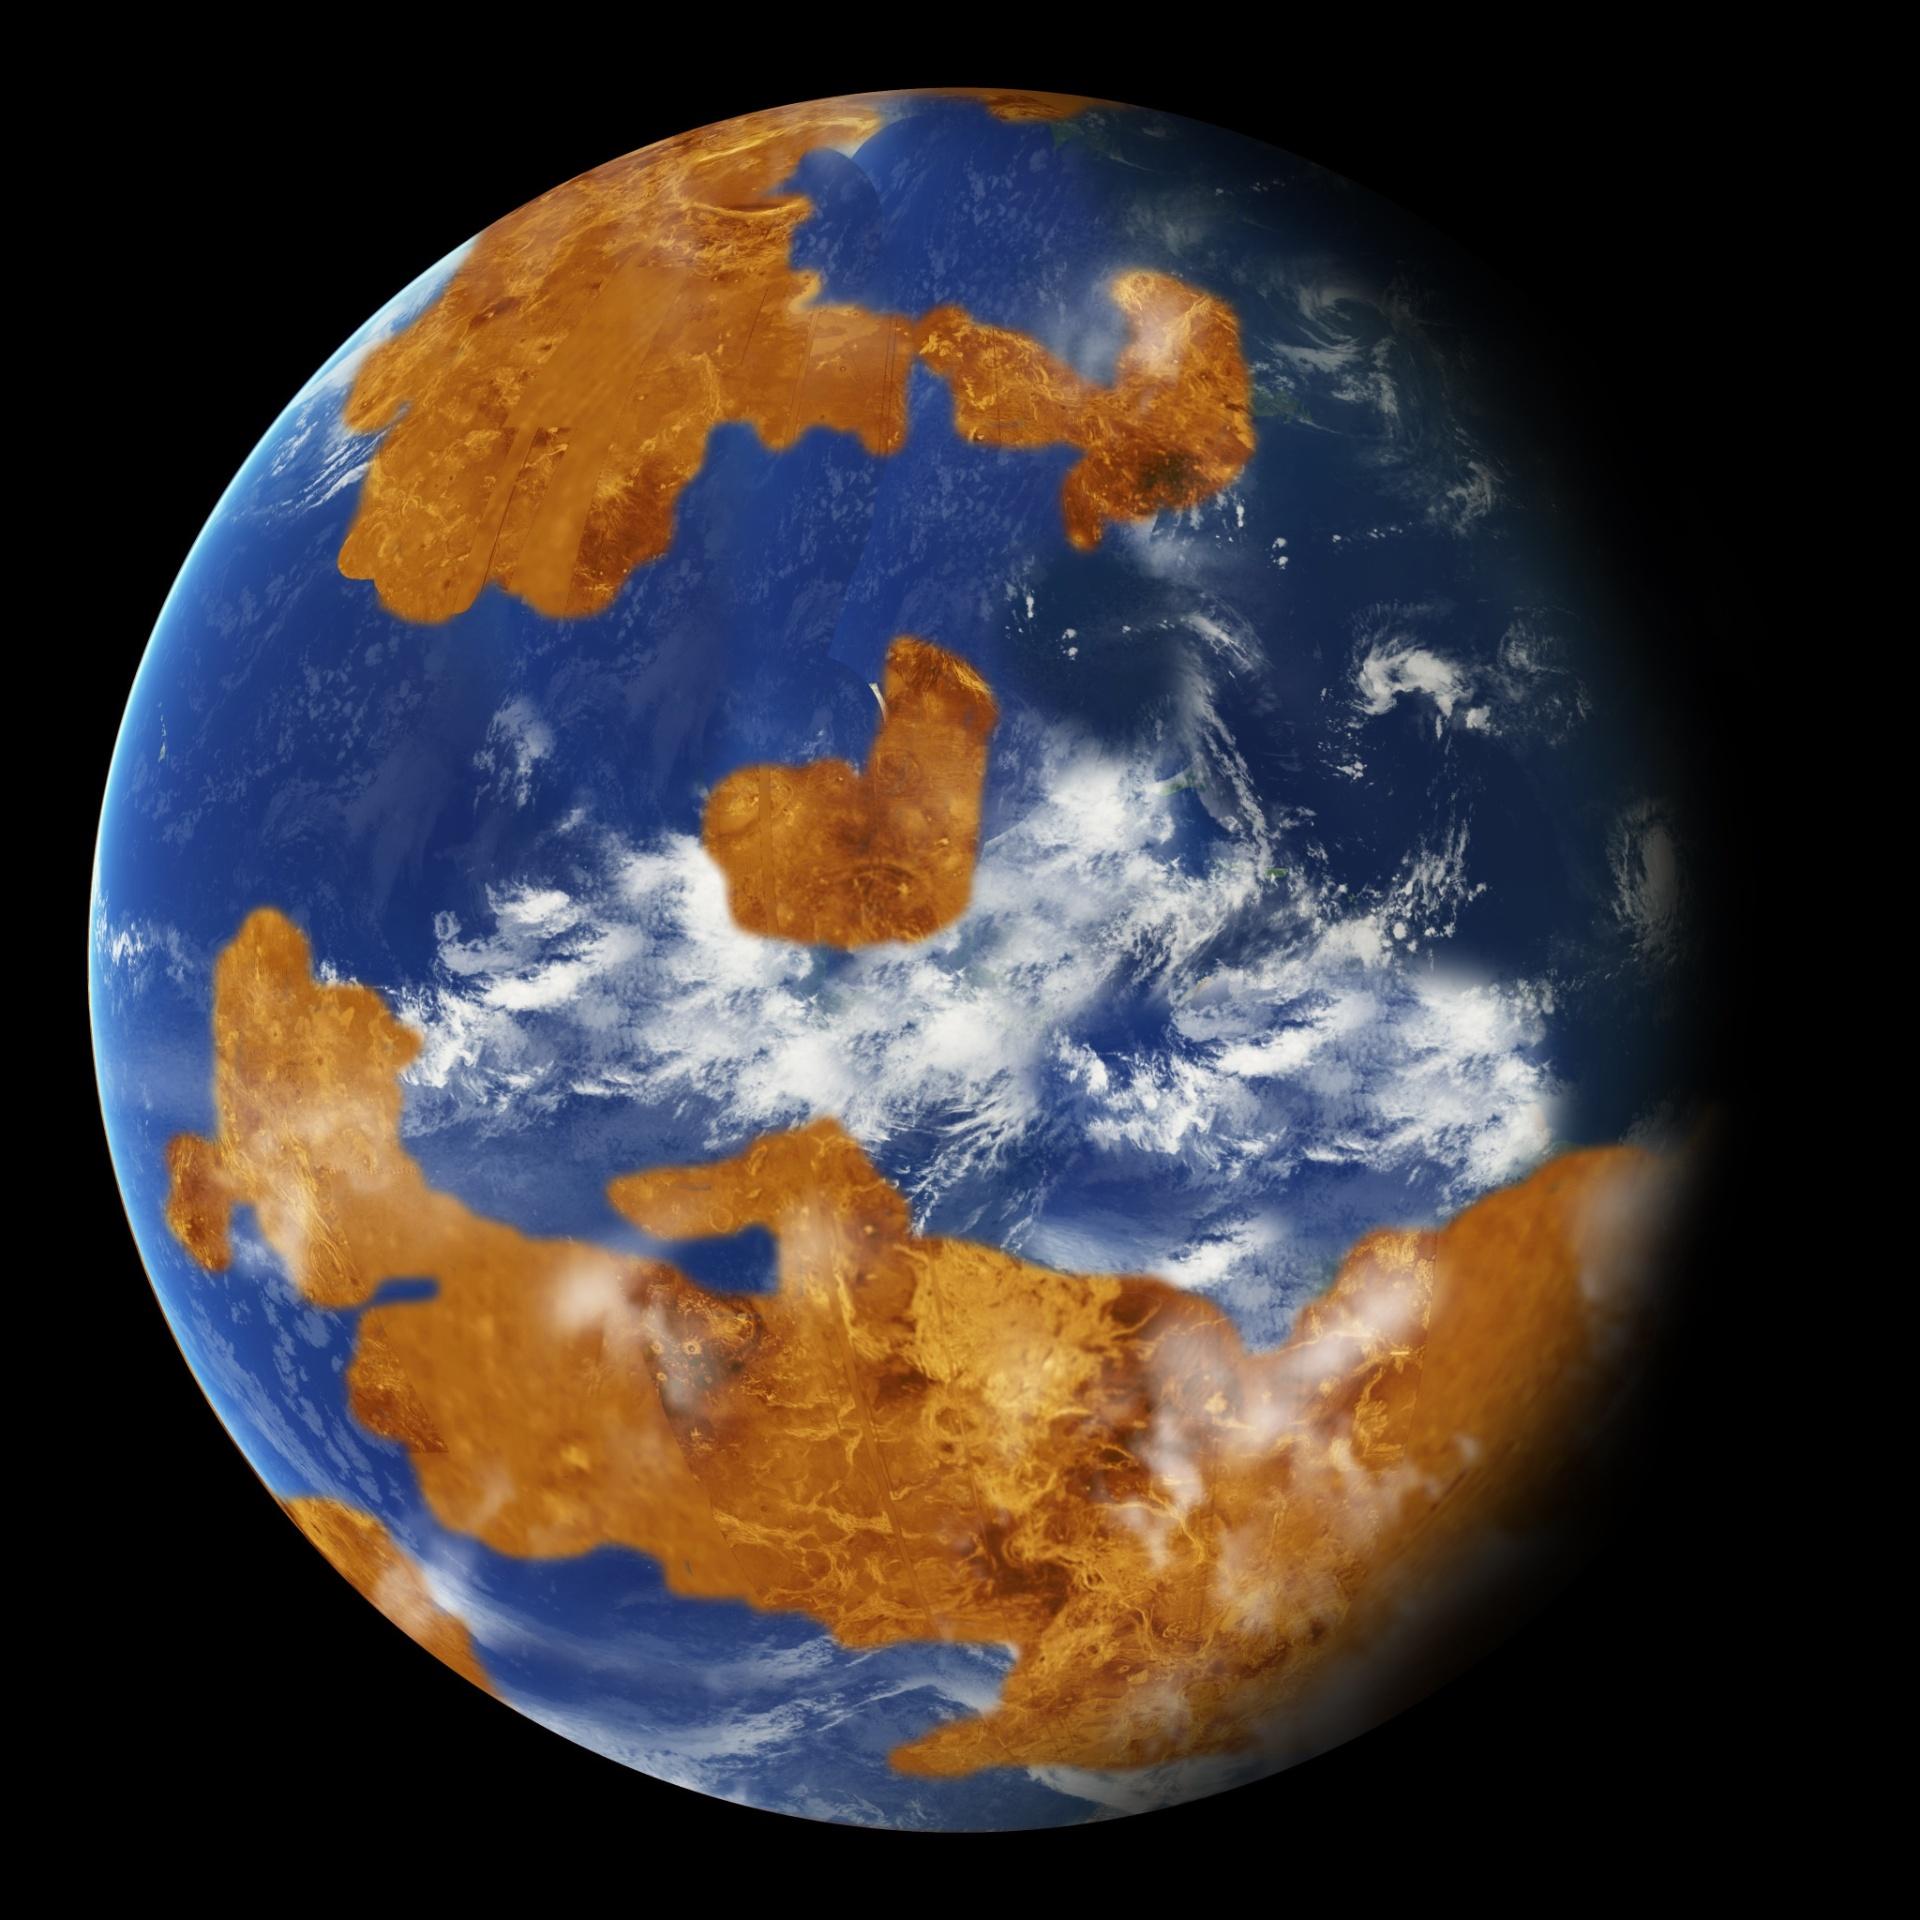 VÊNUS OU TERRA? - Acredite: em um passado distante, Vênus pode ter sido bem parecido com a Terra. De acordo com um estudo da Nasa, o planeta teve um oceano líquido e temperaturas habitáveis por até 2 bilhões de anos após sua formação, em sua história inicial. A descoberta, publicada nesta semana na Geophysical Research Letters, foi obtida com um modelo similar ao usado para prever futuras mudanças climáticas na Terra. Hoje em dia, Vênus é inabitável e sua temperatura atinge 462º C na superfície. A foto é um conceito artístico